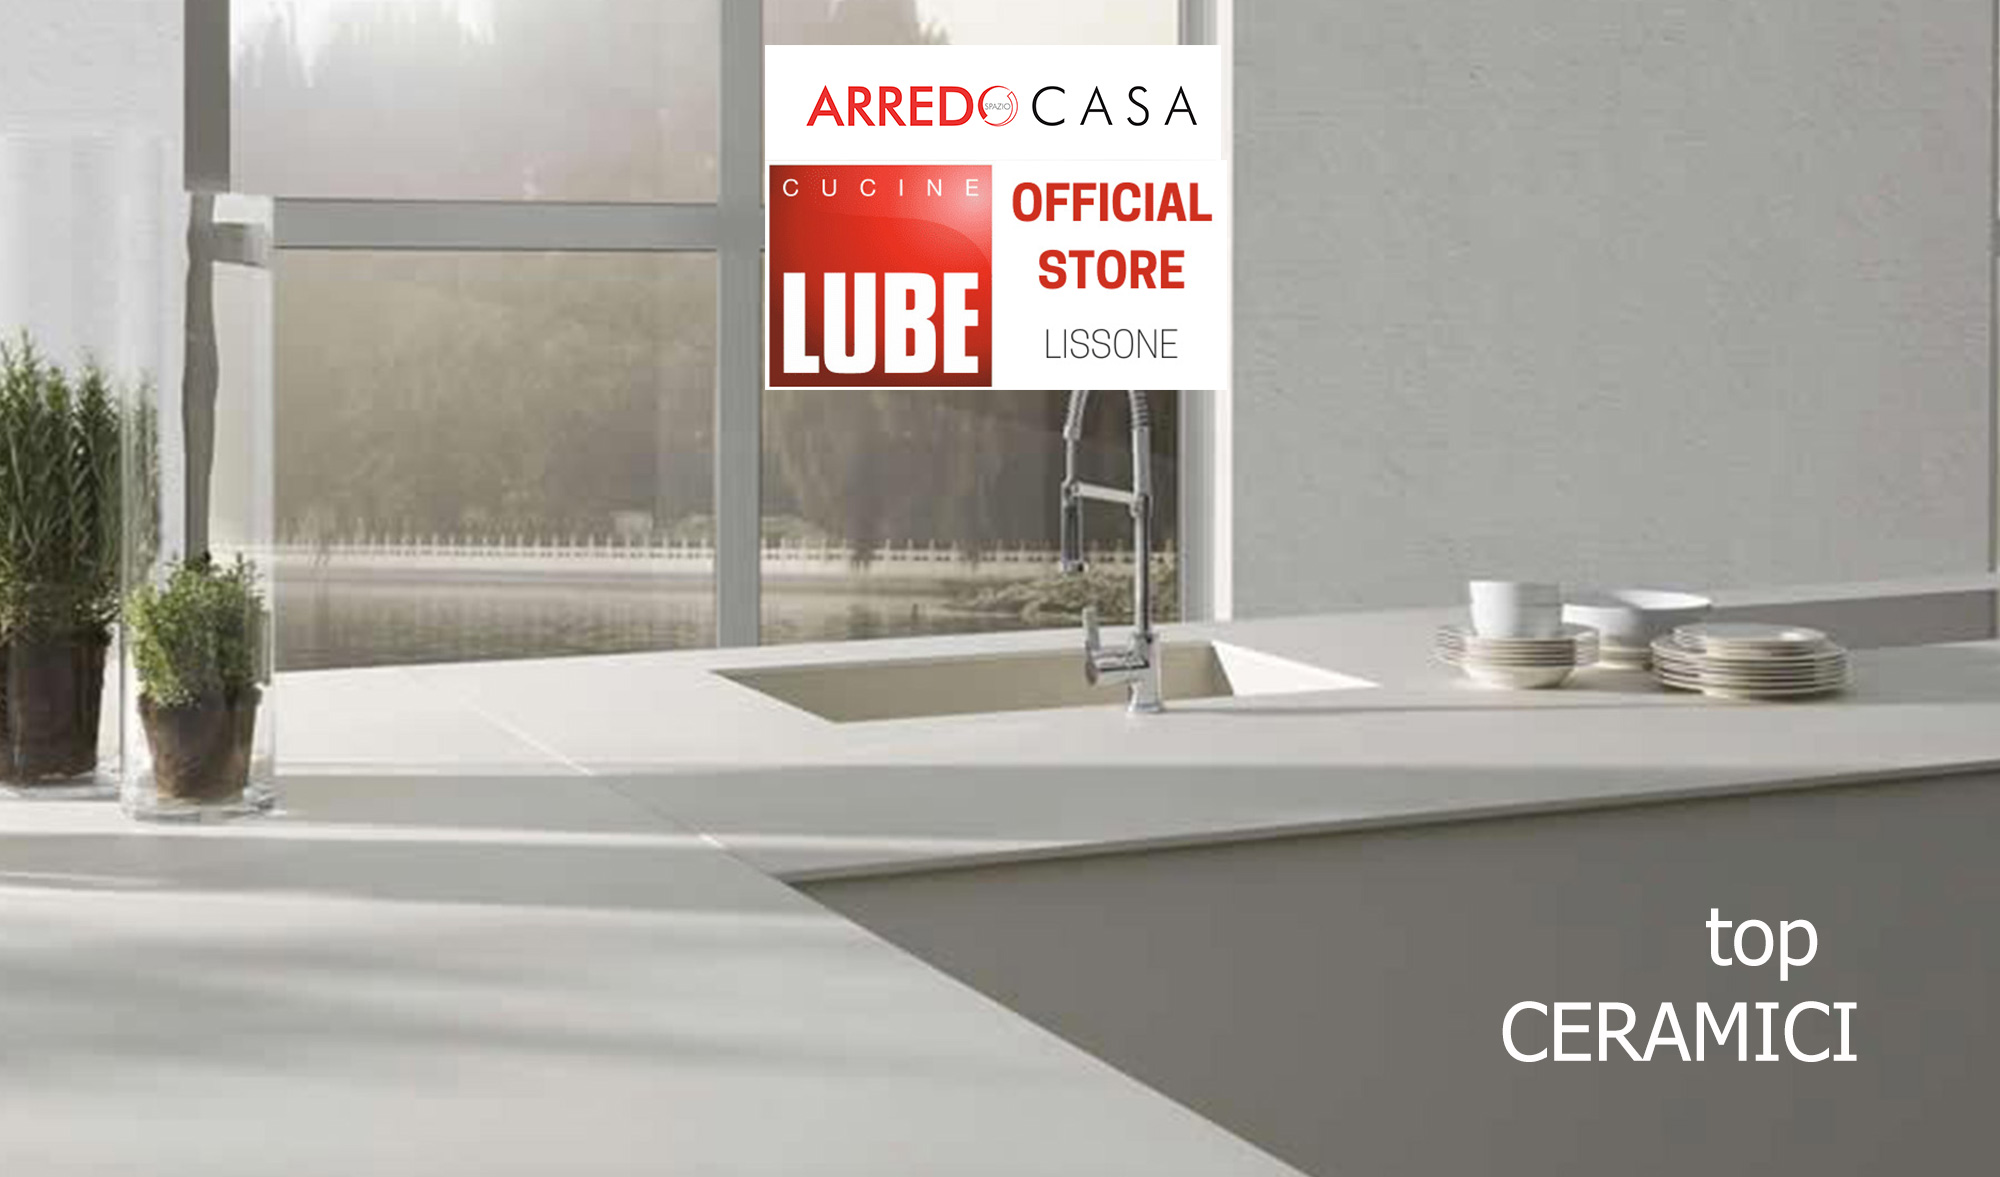 top-ceramici-cucine-lube - ARREDO SPAZIO CASA